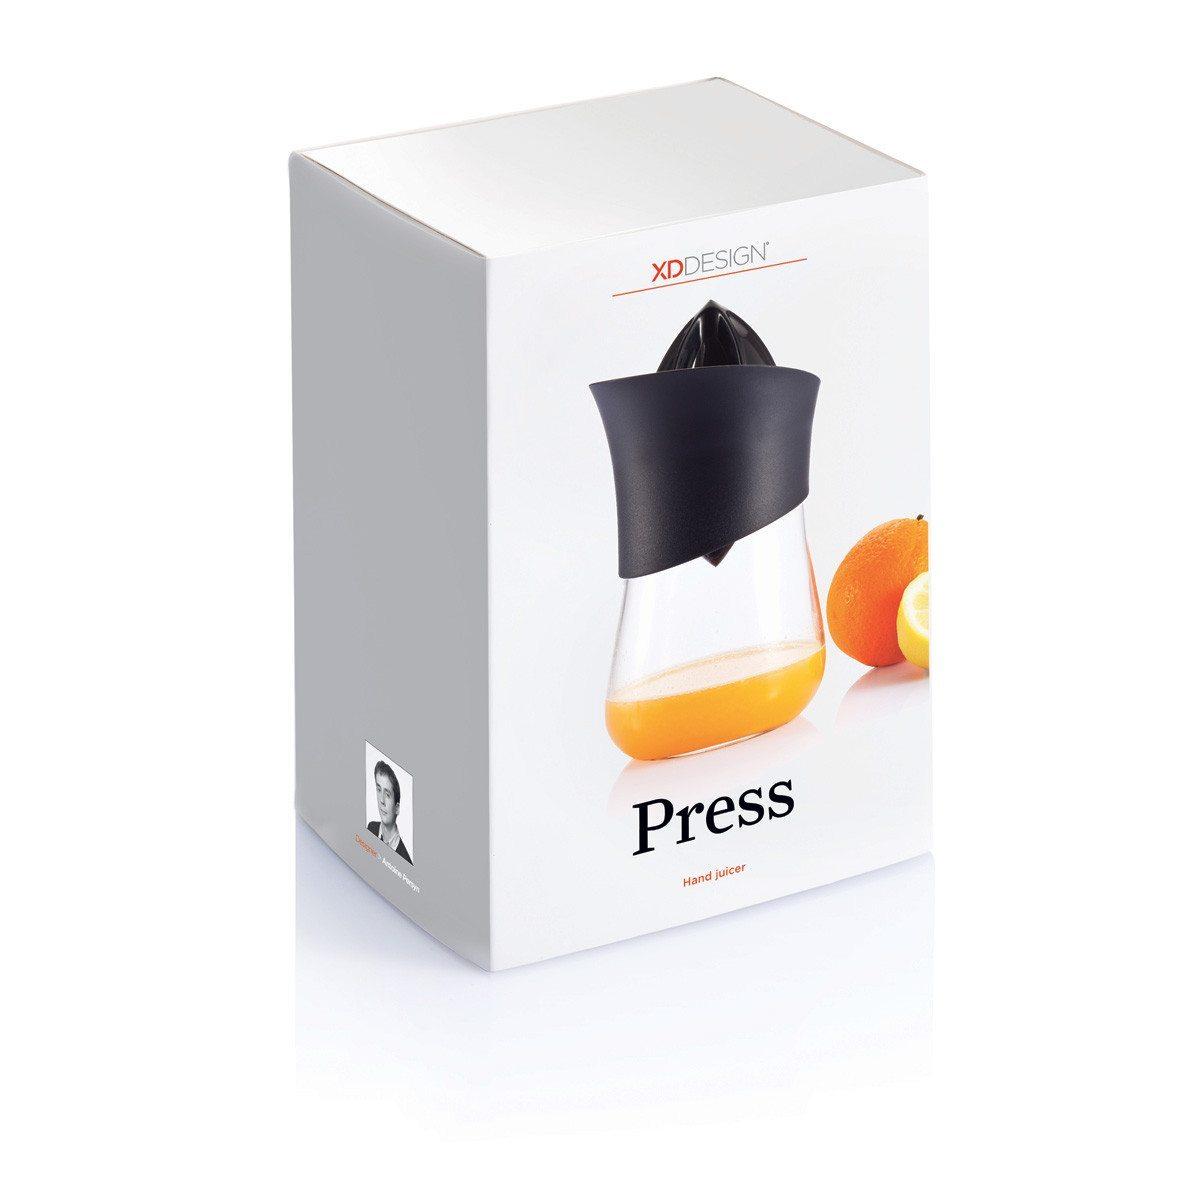 Press - Saftpresse